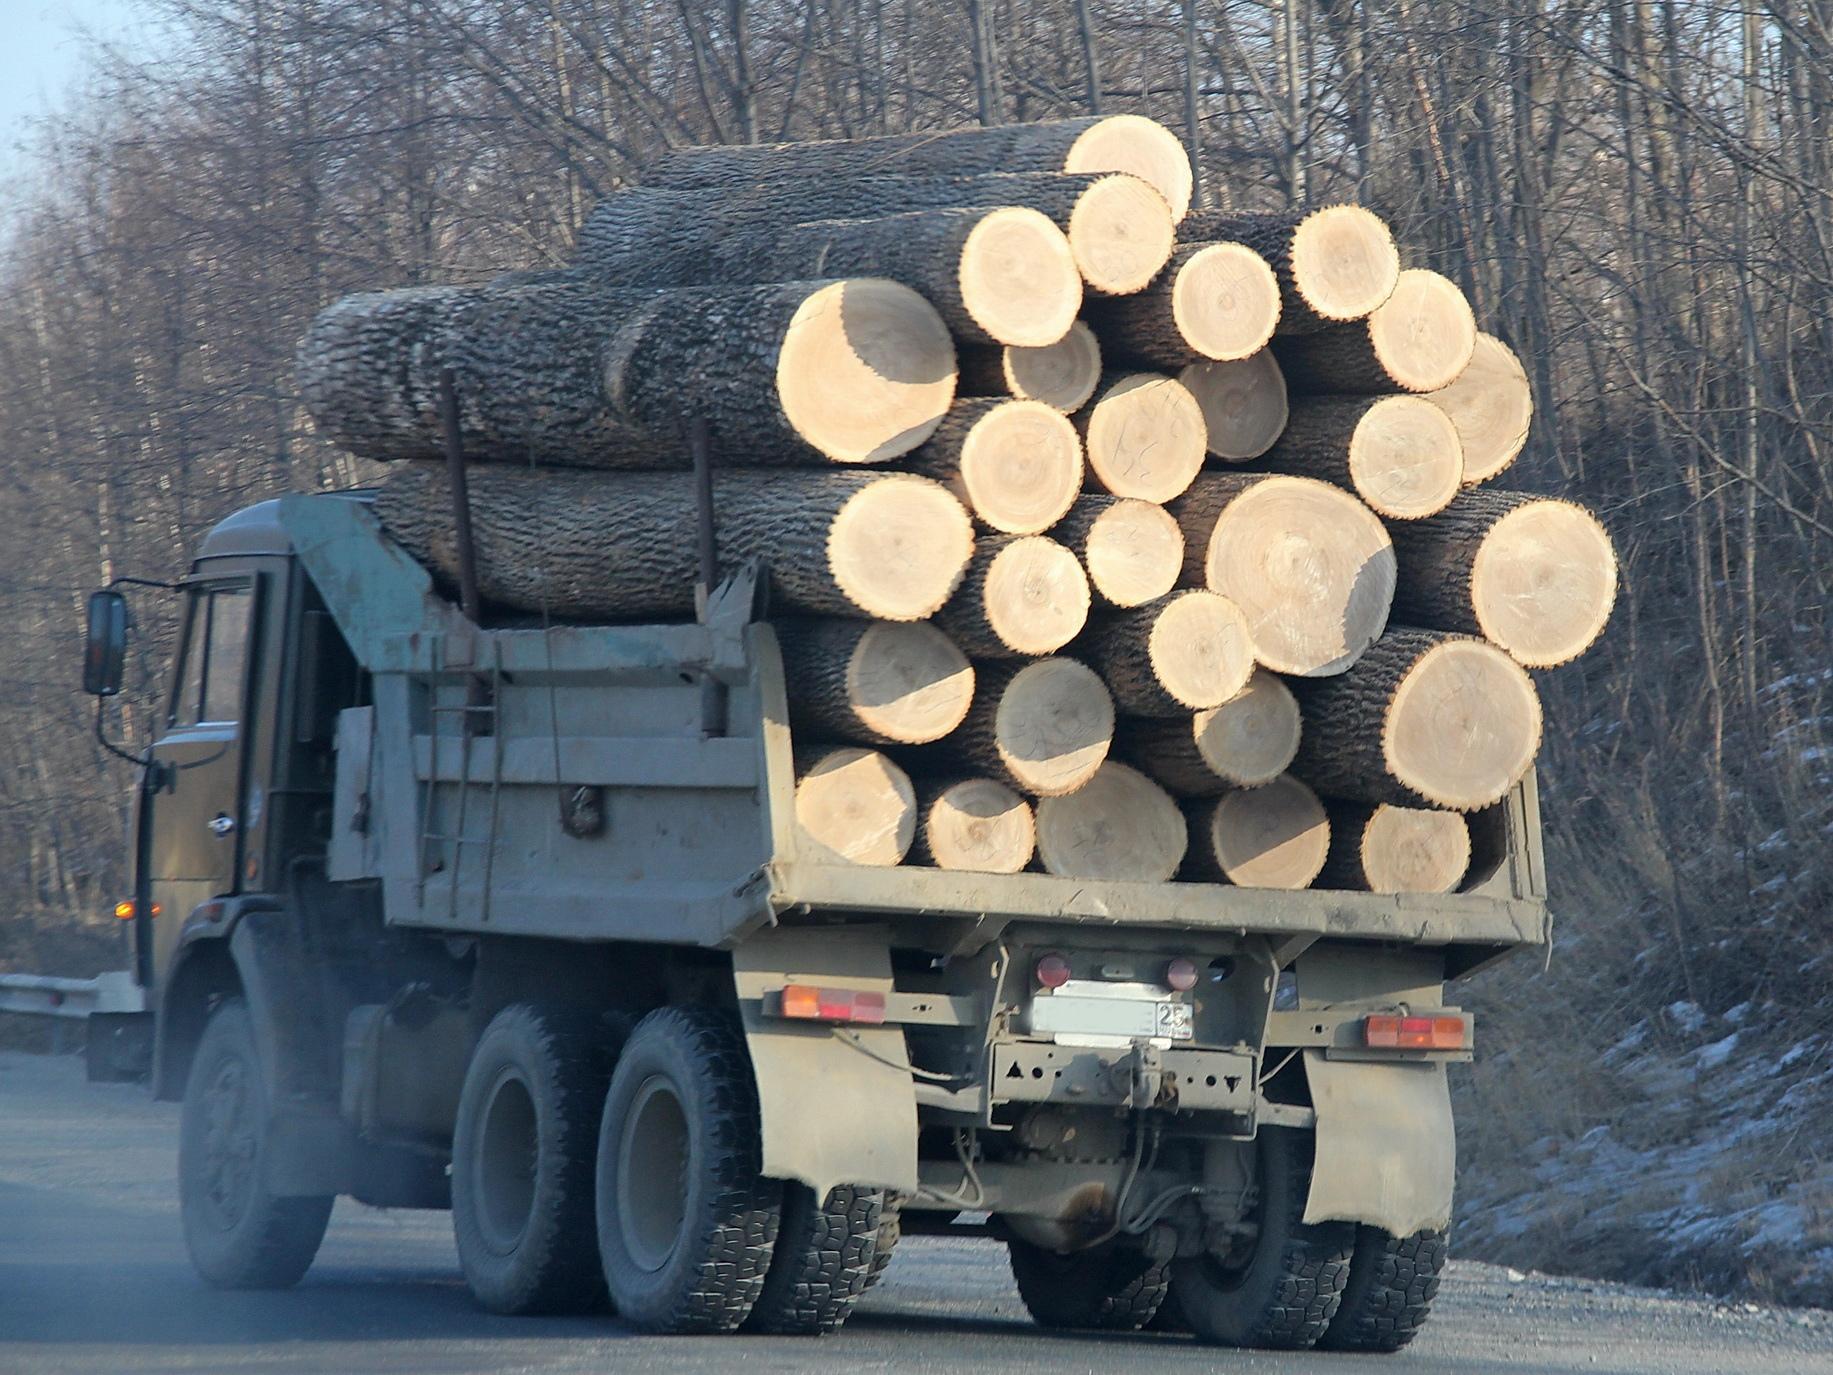 В Северодонецке обнаружили незаконно вырубленную древесину